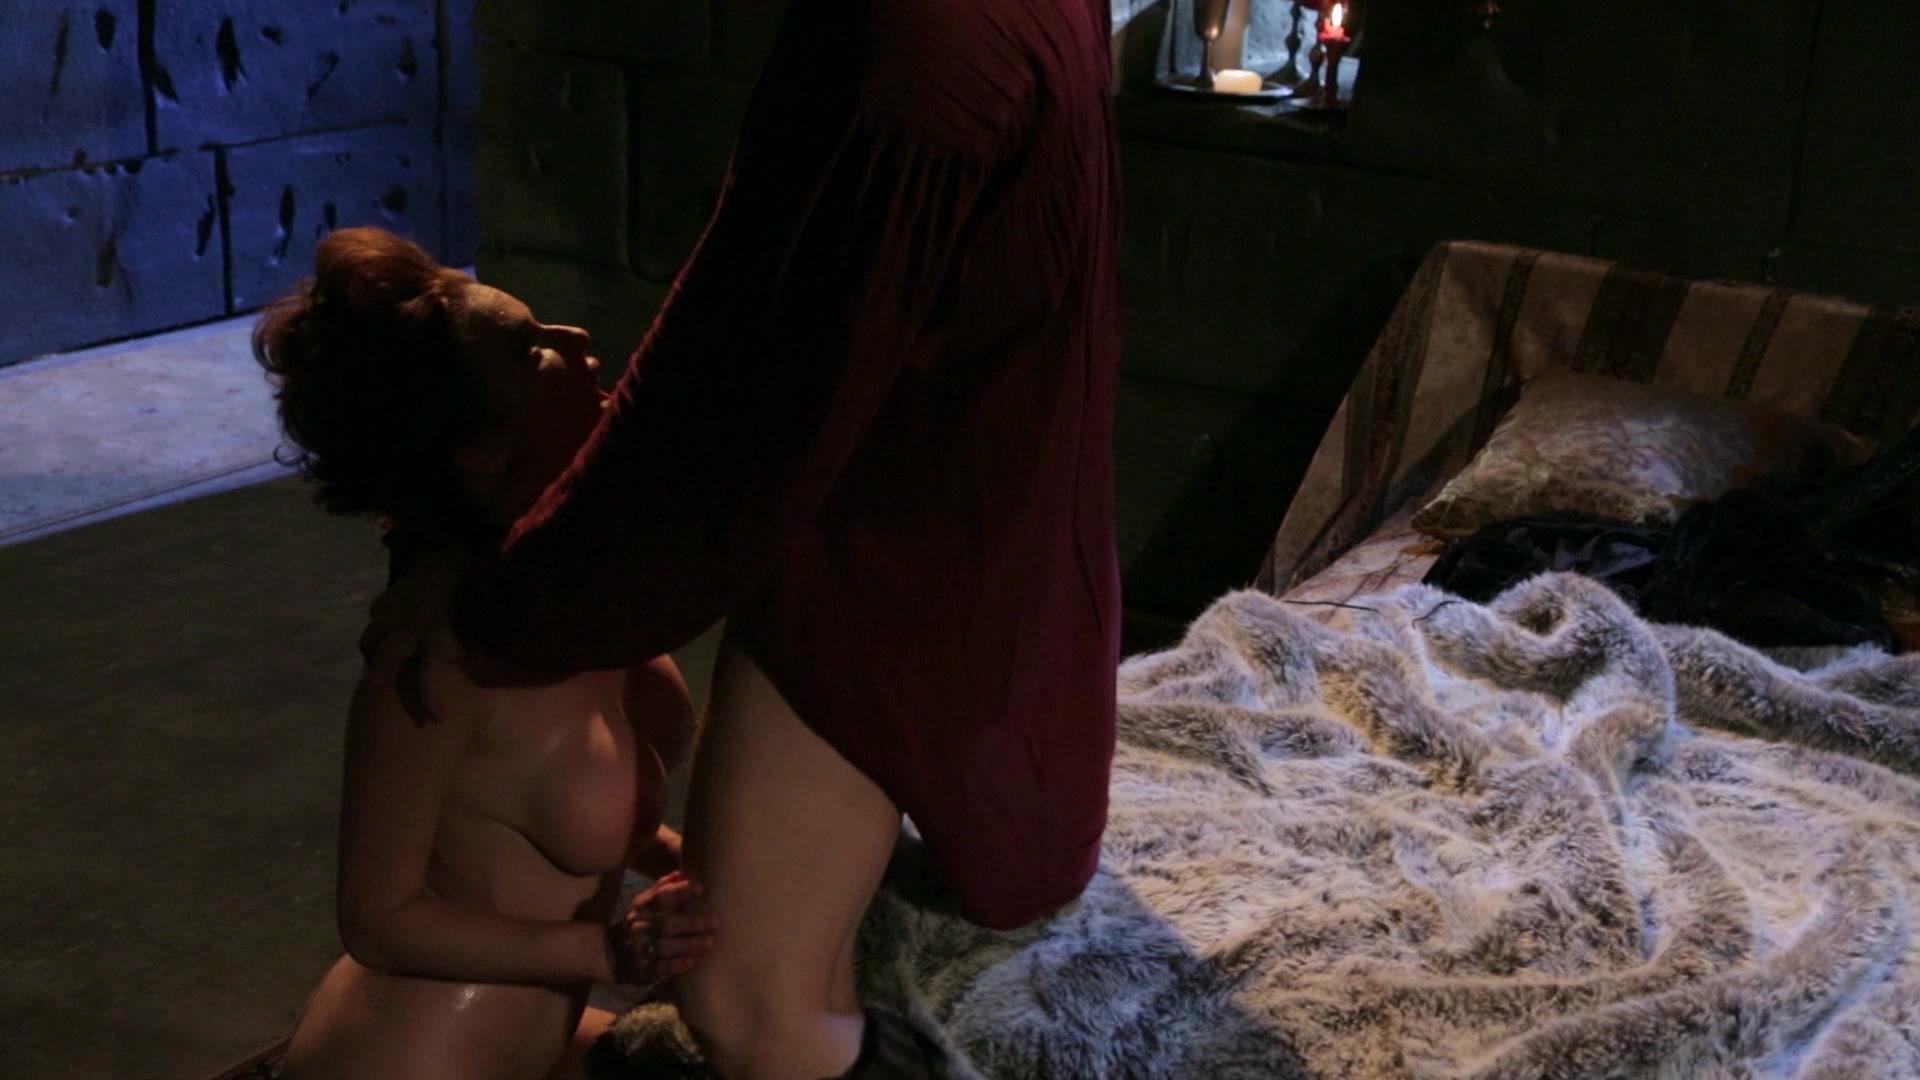 viy-seks-skazka-porno